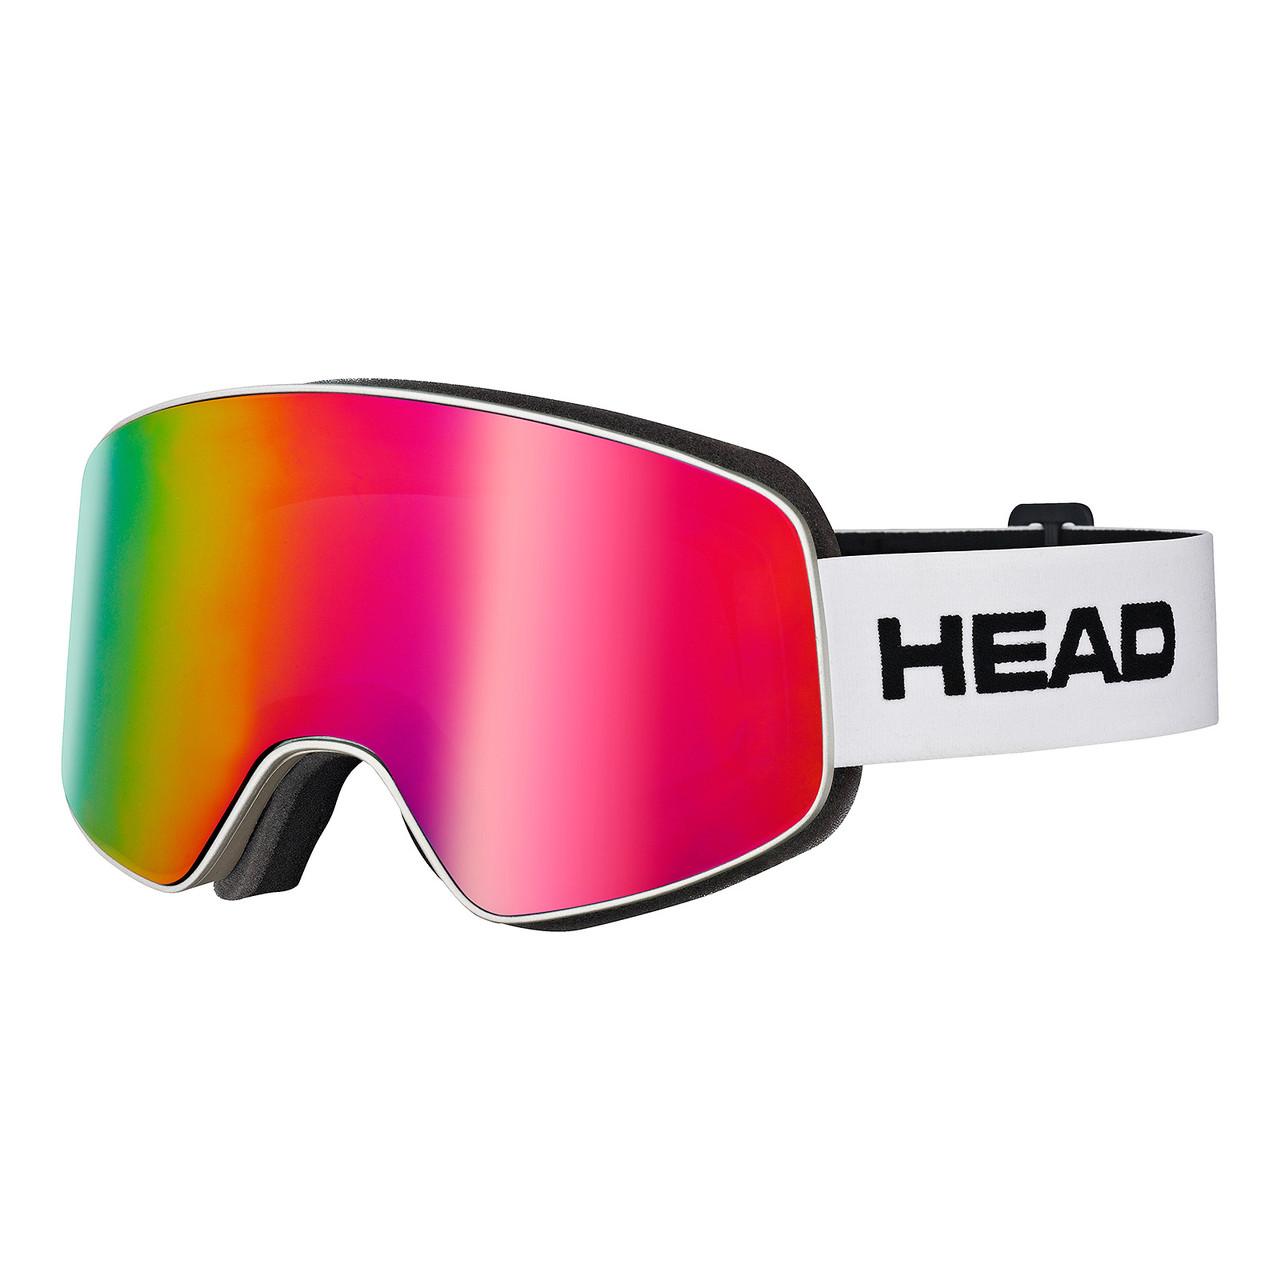 Горнолыжная маска Head horizon fmr pink (MD)